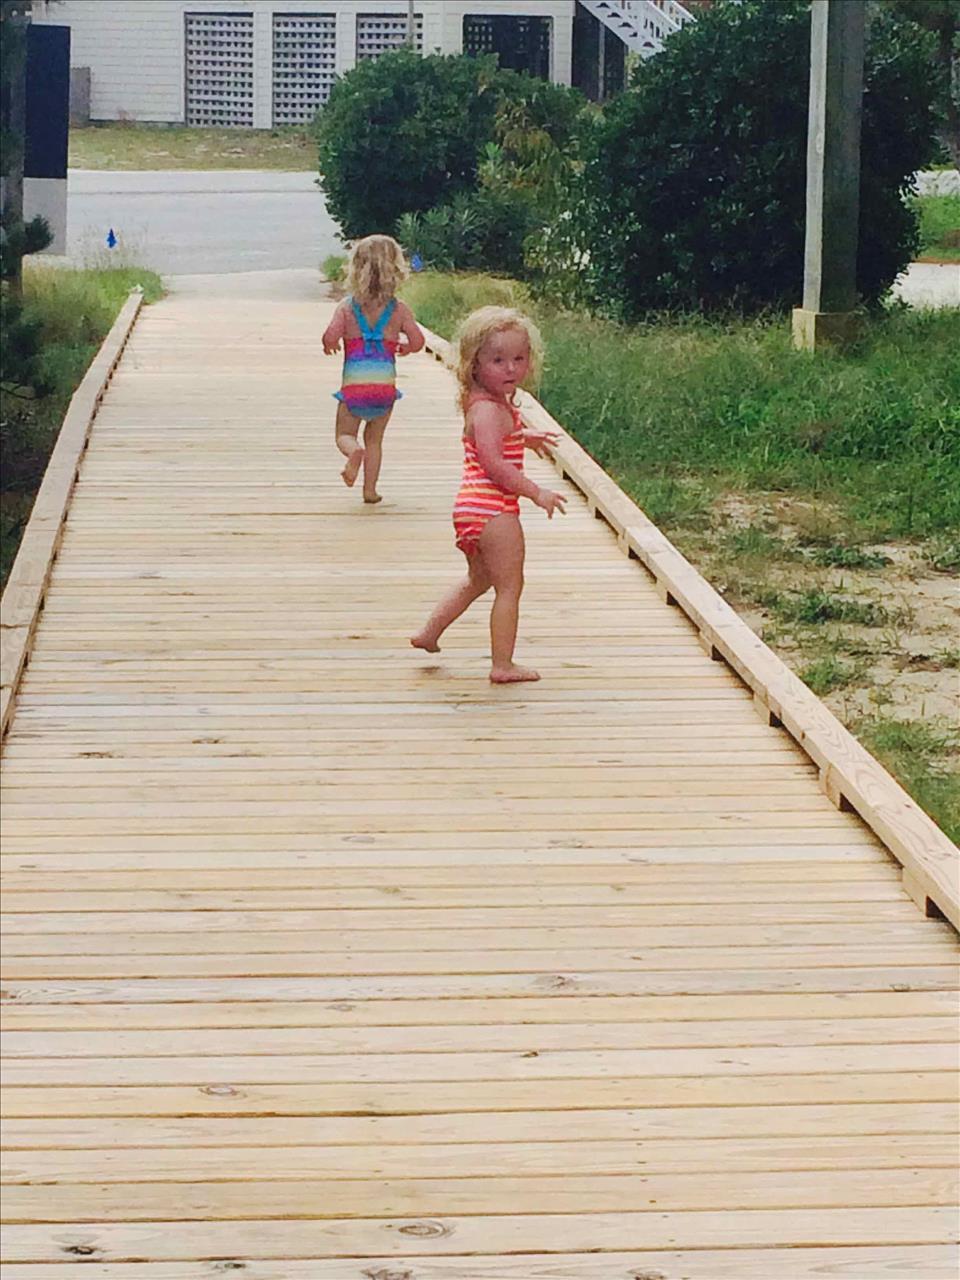 September 2015 Stay - SS58 - Seaside 58, Erica Miller